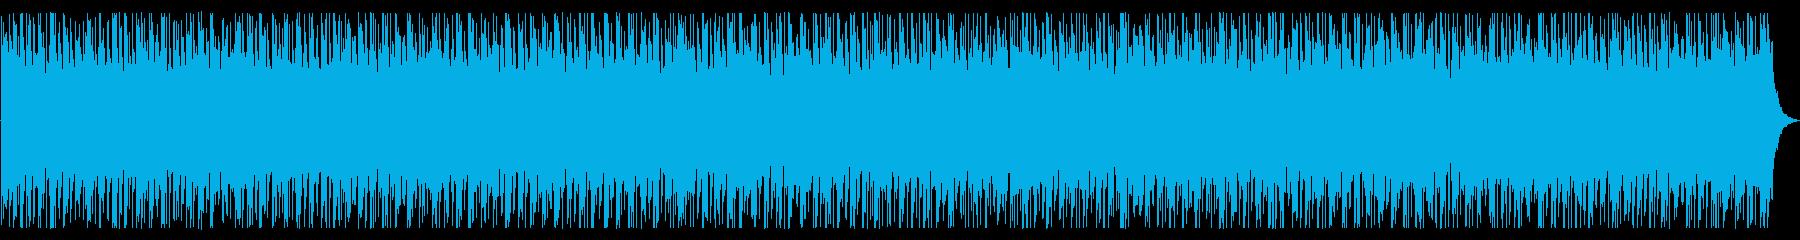 エレピの懐かしい雰囲気が優しい曲の再生済みの波形